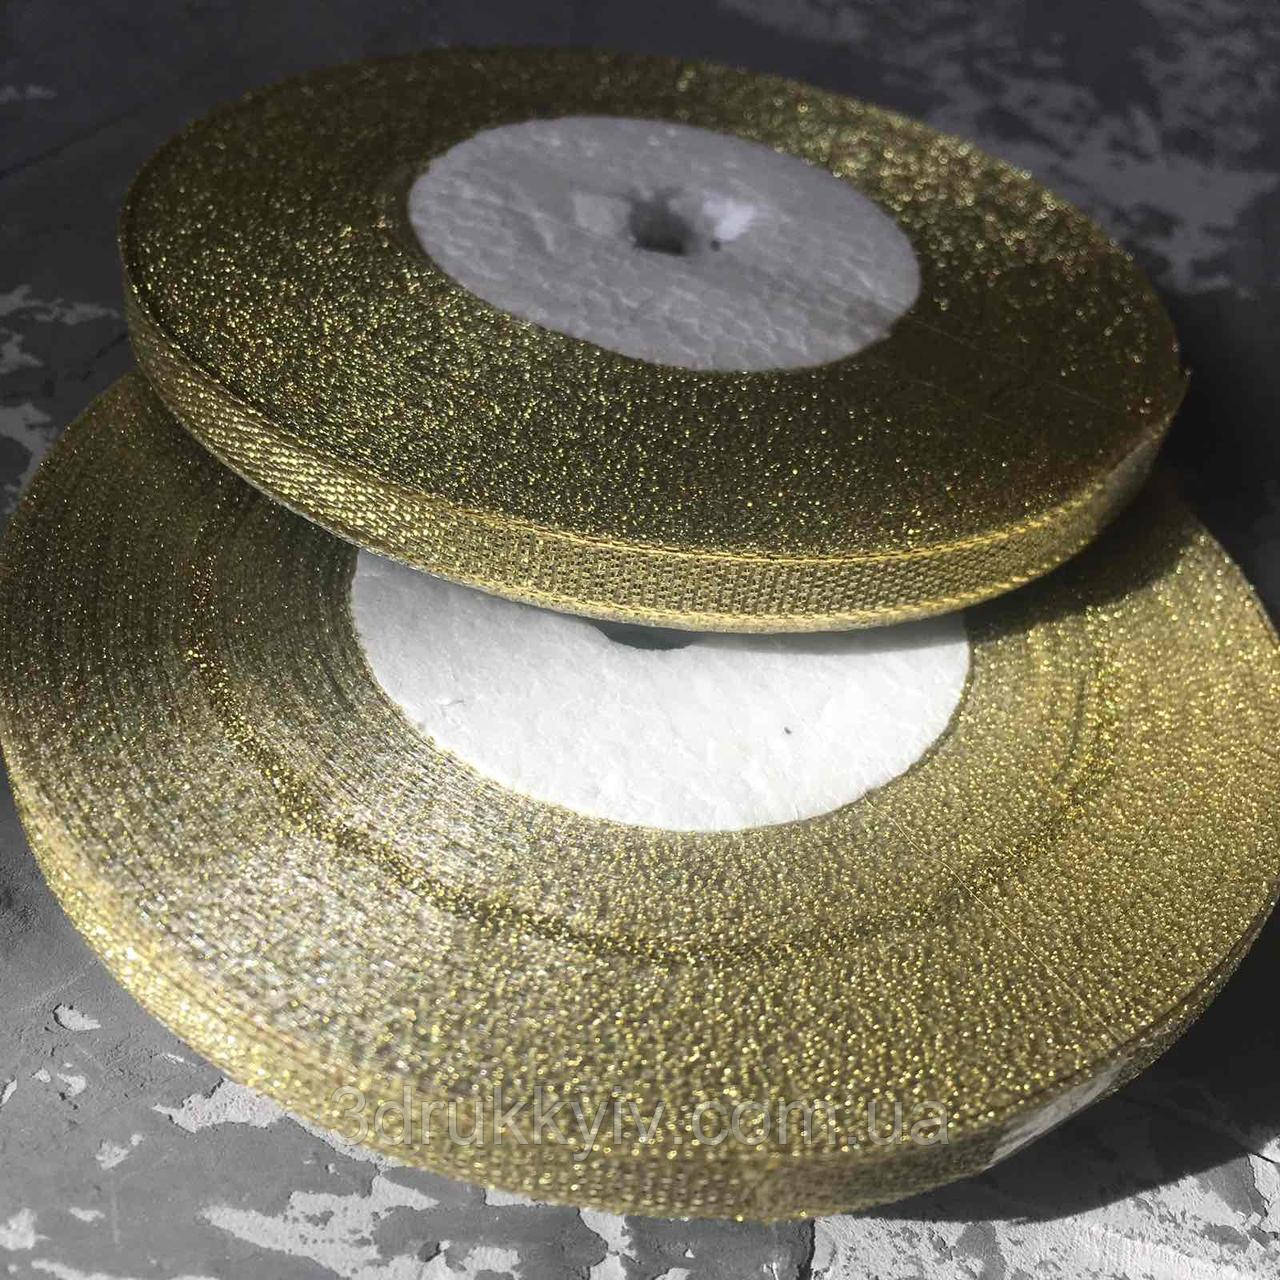 Стрічка з парчі золота 0,6 см. / Лента из парчи золотая